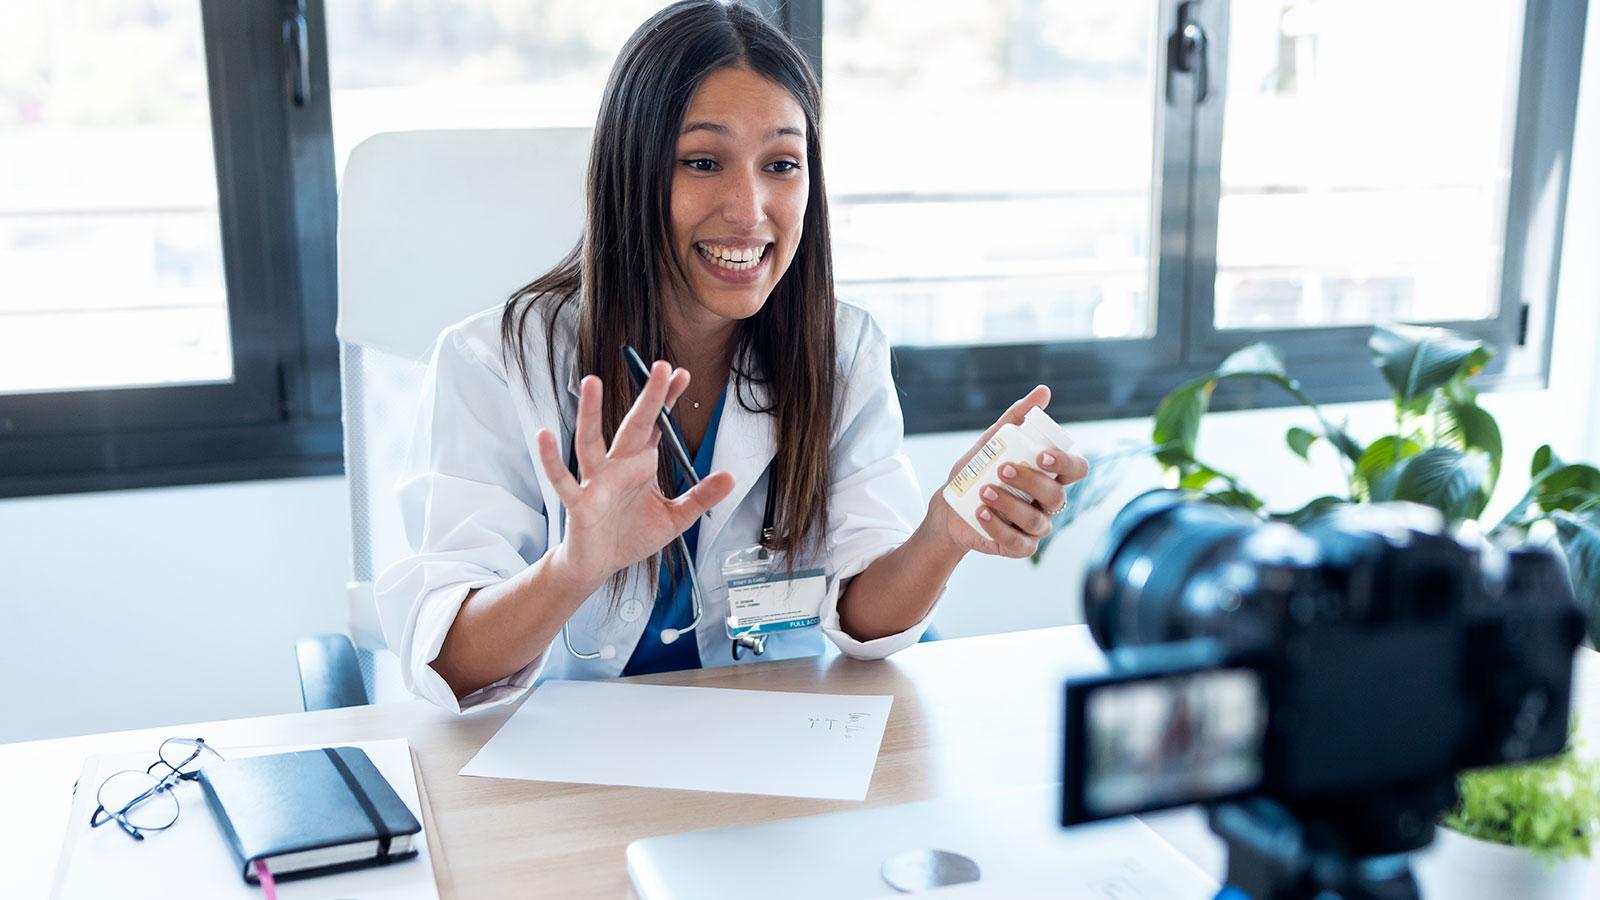 dumela video inspirar marketing 5 2 - 5 ideias de conteúdo em vídeo para inspirar o marketing da sua empresa